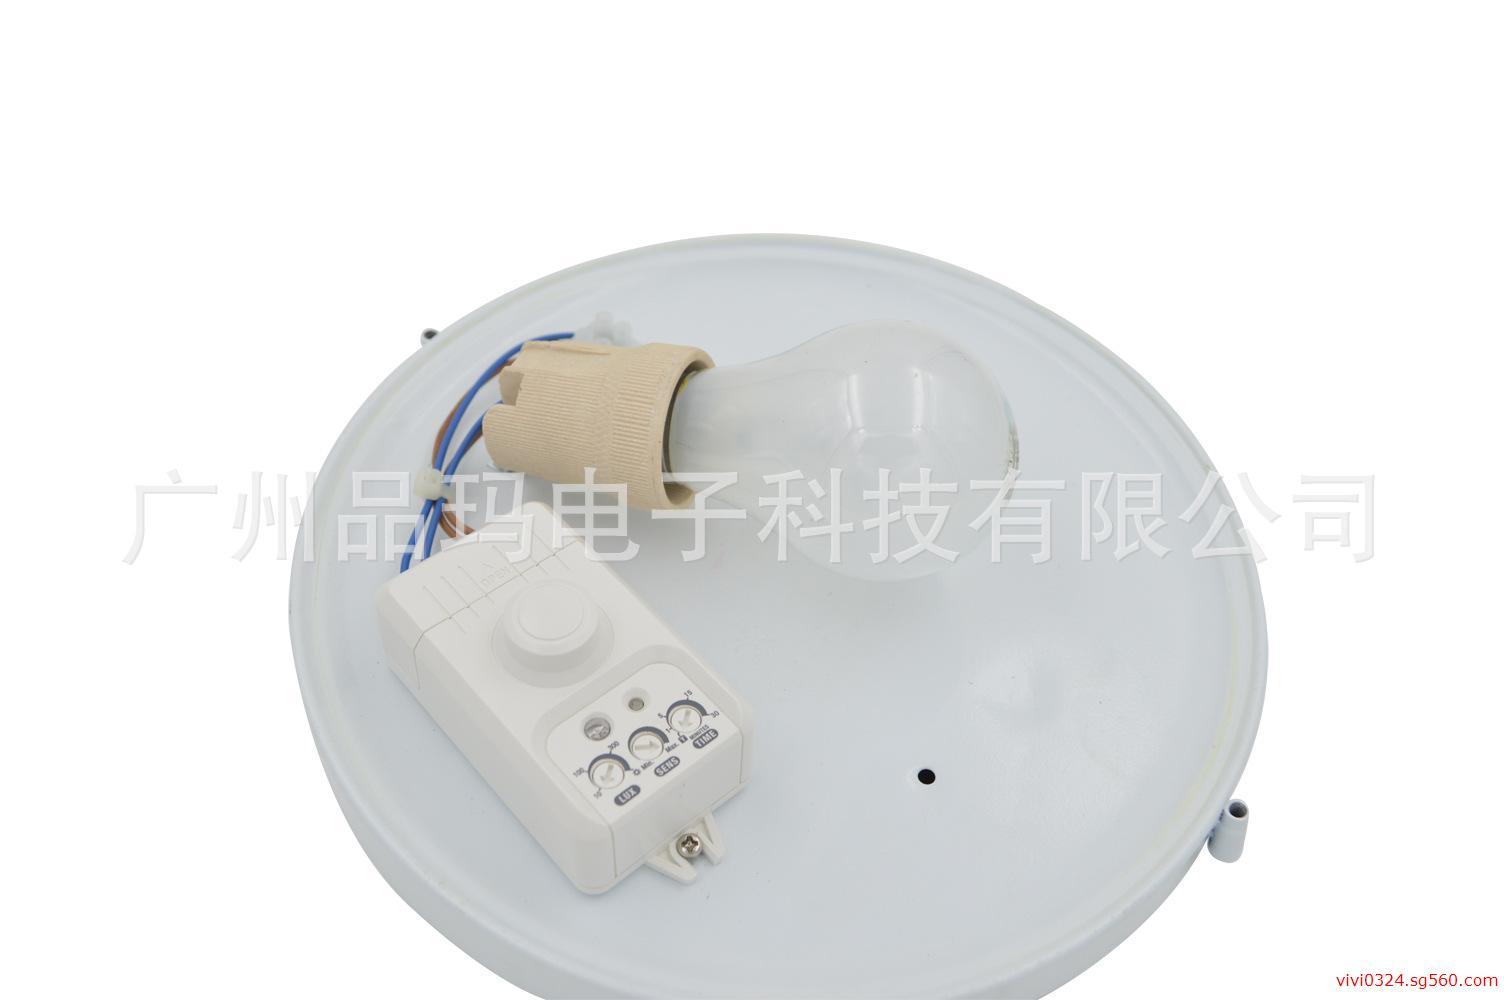 卫浴感应灯 led感应卫浴灯 人体感应灯批发 微波感应灯